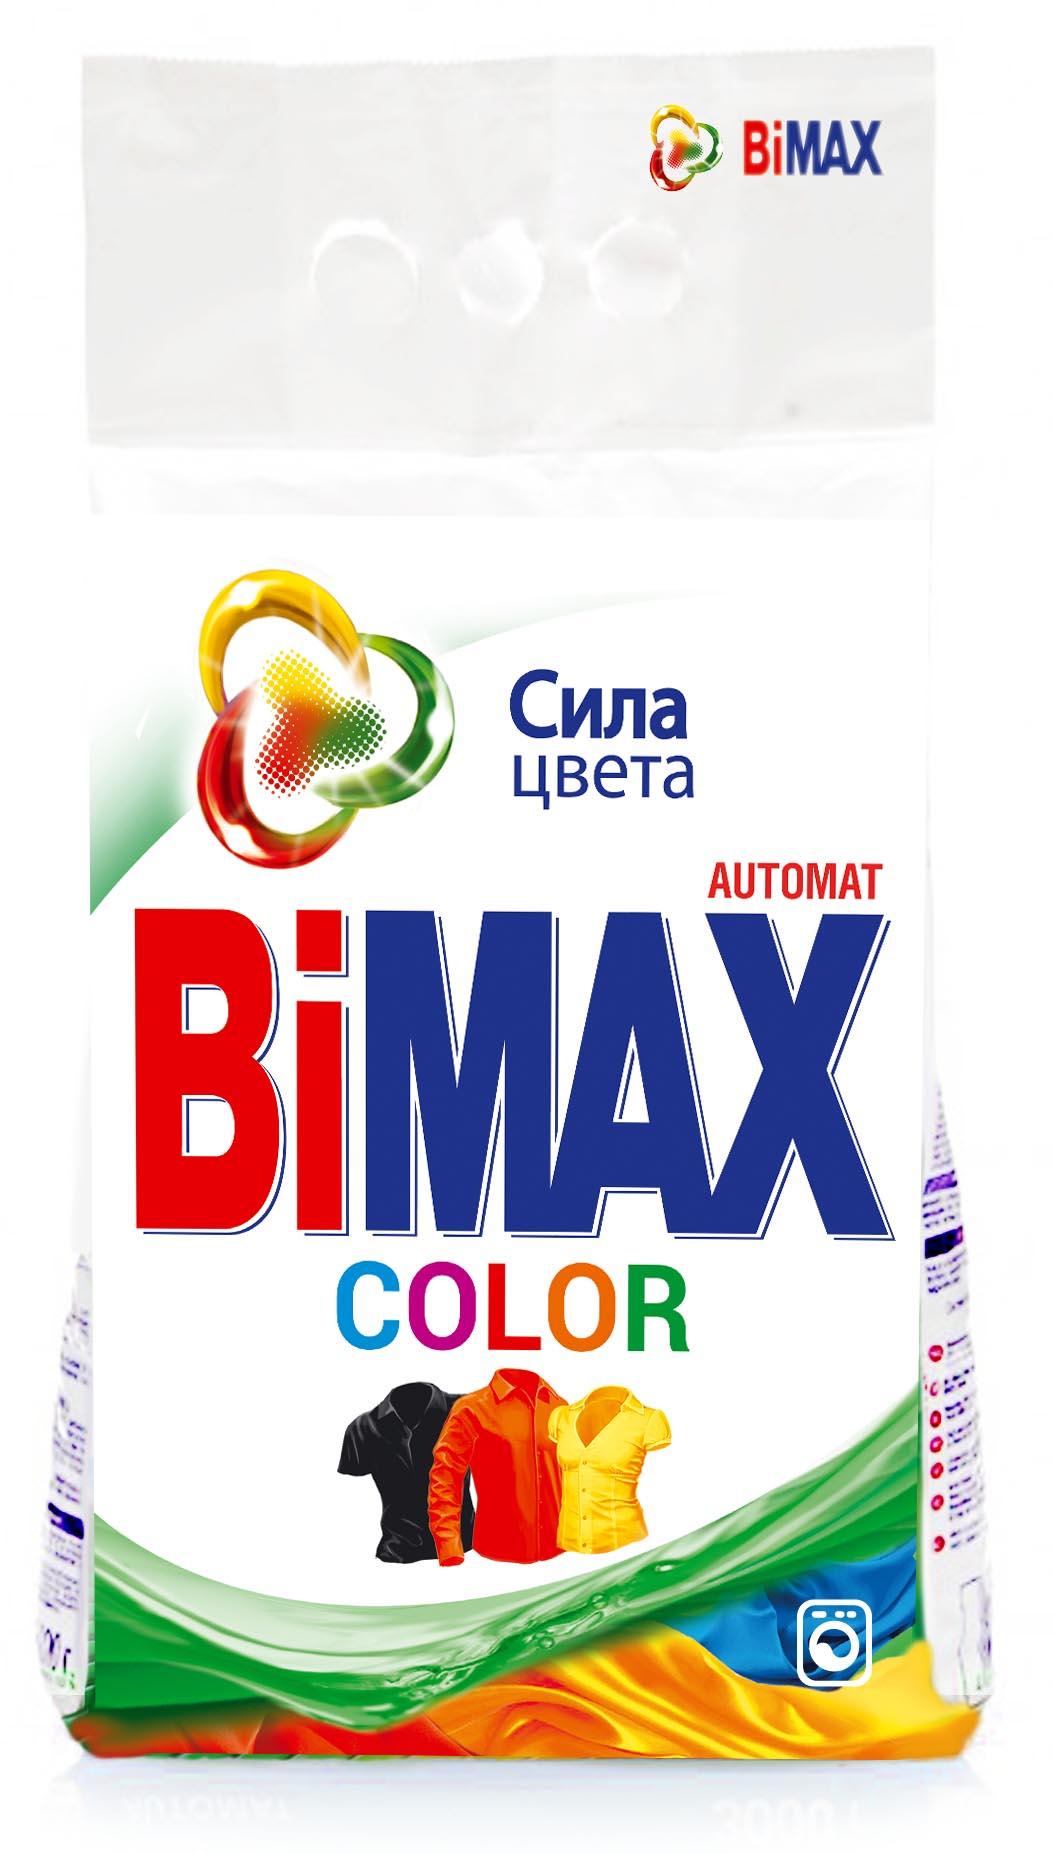 Стиральный порошок BiMax Color, 6 кг526-1Стиральный порошок BiMax Color предназначен для замачивания и стирки изделий из цветных хлопчатобумажных, льняных, синтетических тканей, а также тканей из смешанных волокон. Не предназначен для стирки изделий из шерсти и натурального шелка. Порошок имеет пониженное пенообразование, содержит биодобавки и перекисные соли. BiMax сохраняет цвета ваших любимых вещей даже после многократных стирок. Эффективно удаляет загрязнения и трудновыводимые пятна, а также защищает структуру волокон ткани и препятствует появлению катышек. Кроме того, порошок экономит ваши средства: 6 кг BiMax заменяют 9 кг обычного порошка.Подходит для стиральных машин любого типа и ручной стирки. Характеристики: Вес: 6 кг. Артикул: 526-1. Товар сертифицирован.